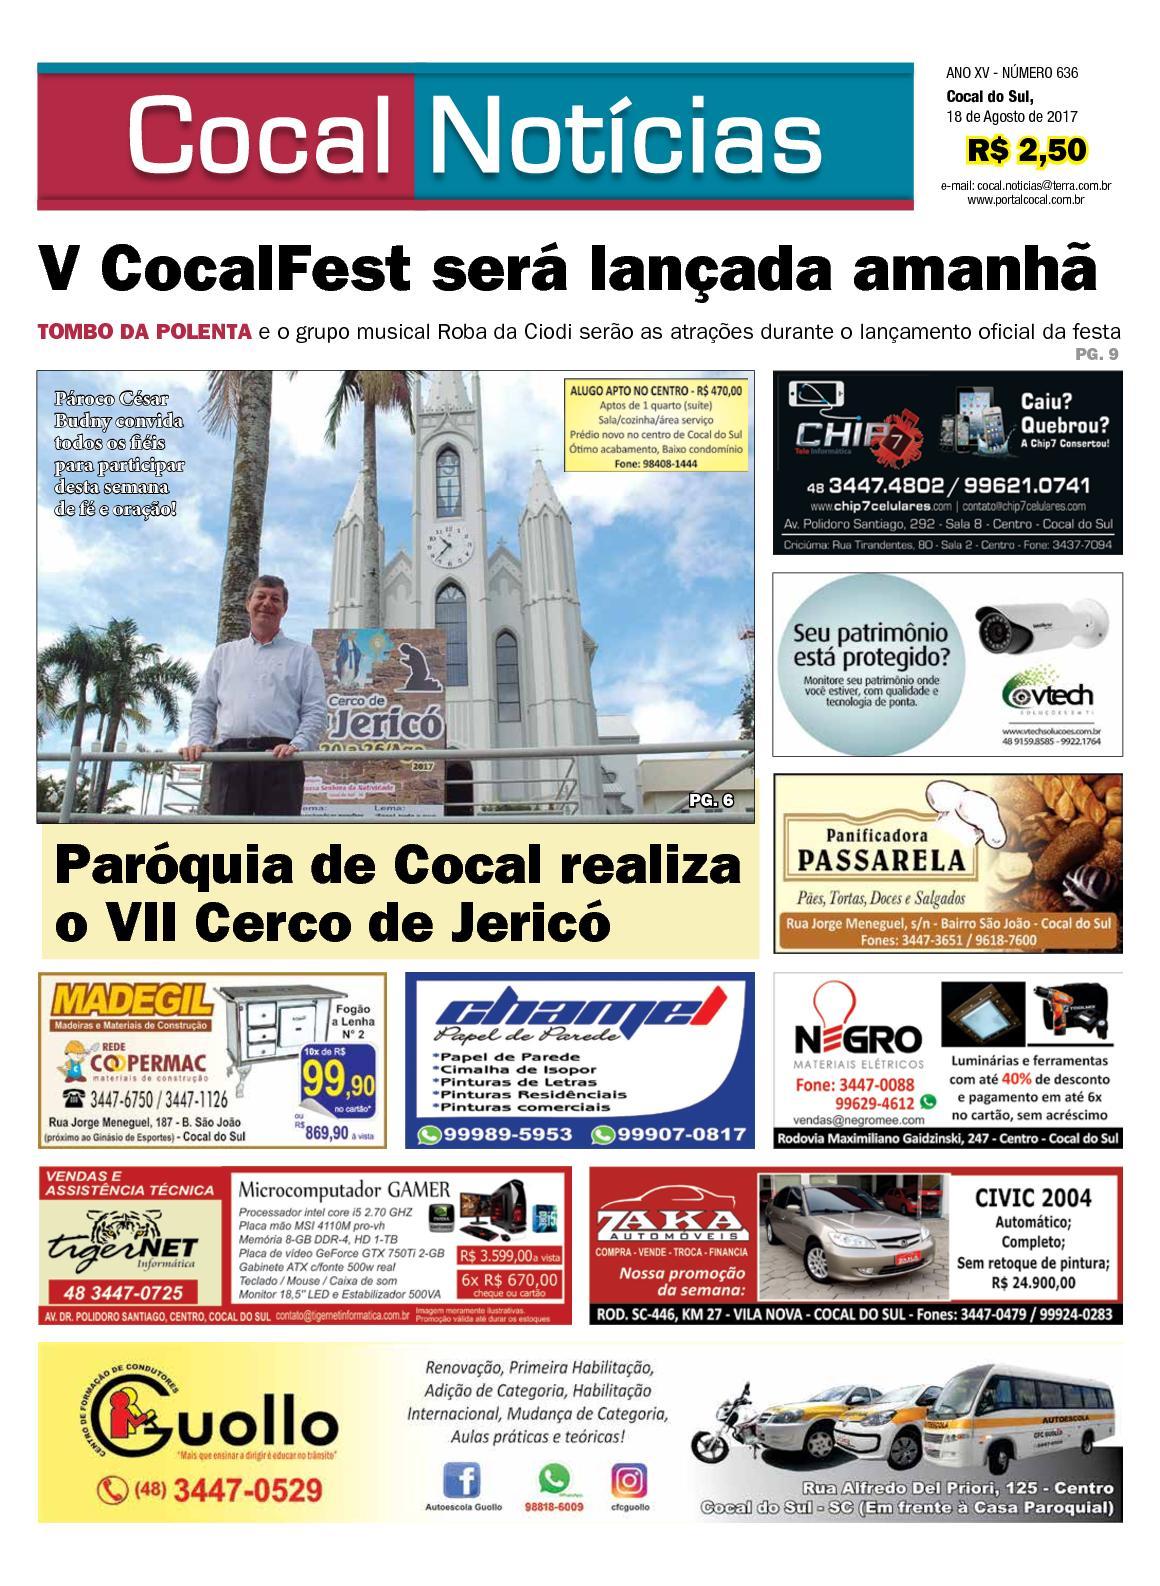 COCAL NOTÍCIAS ON LINE 18-08-2017 www.portalcocal.com.br